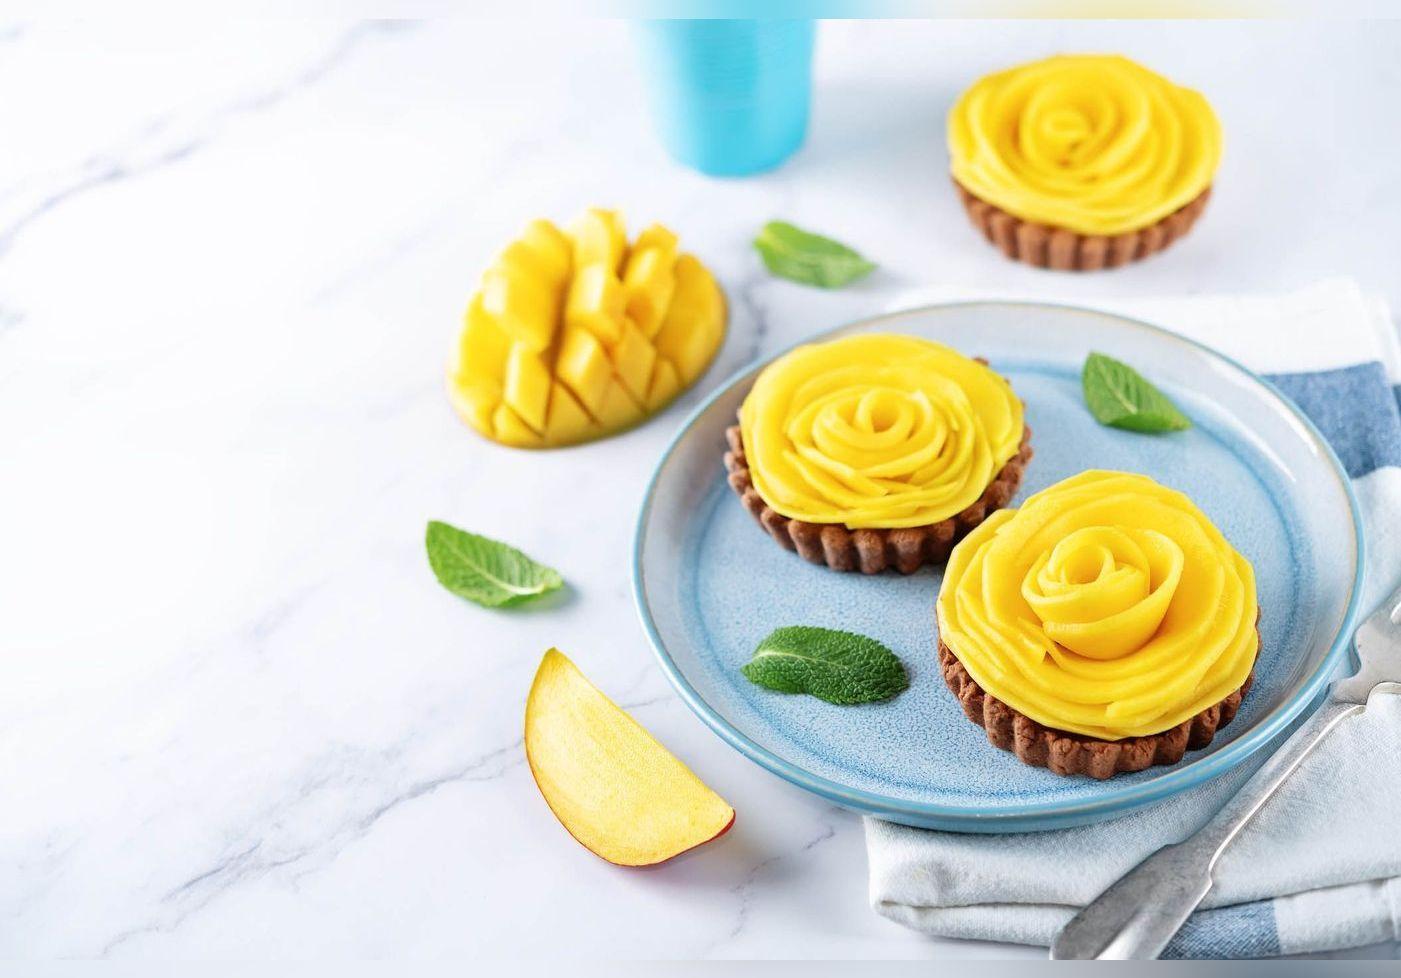 Philippe Conticini dévoile sa recette de tarte à la mangue rôtie et donne son astuce incroyable pour remplacer le sucre dans ses pâtisseries